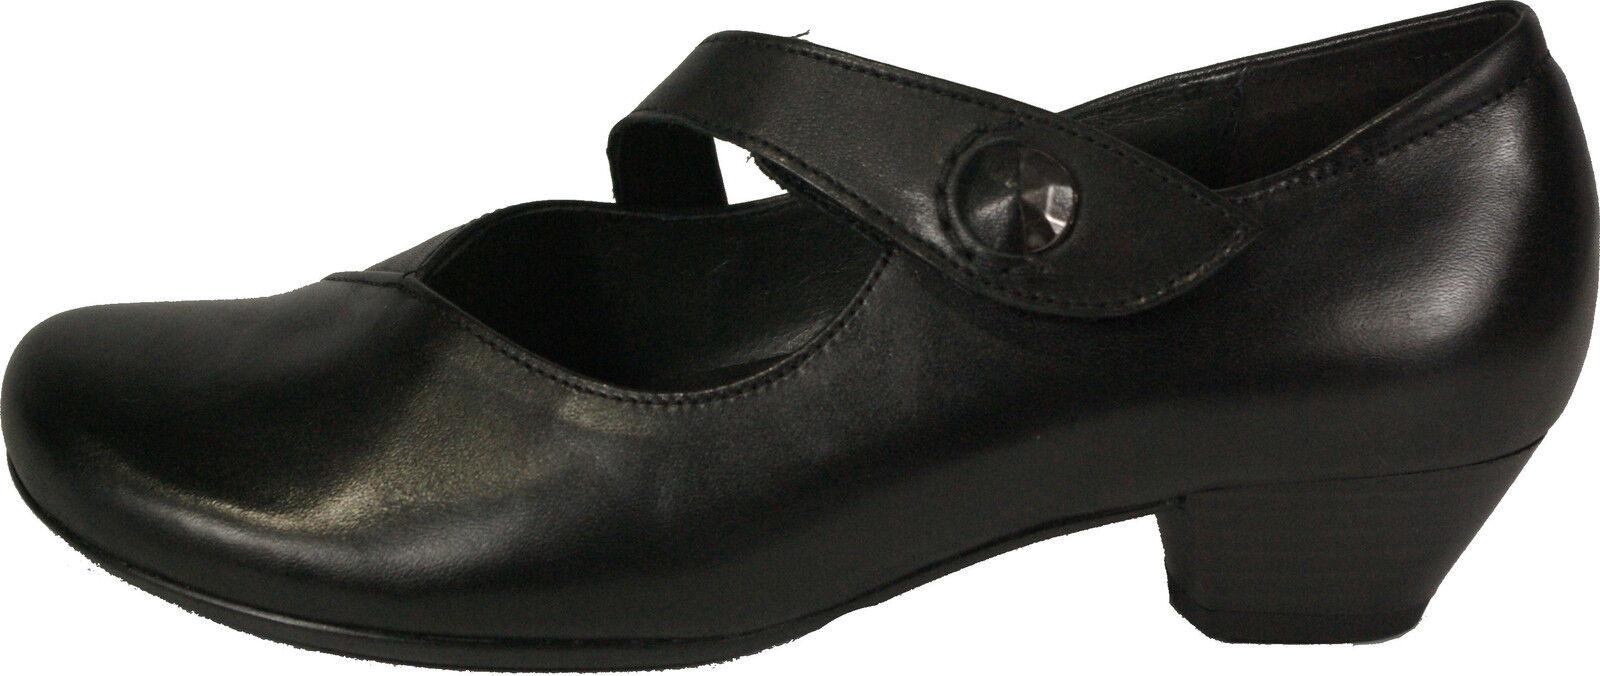 Gabor zapatos zapatos zapatos de salón Mary Jane negro de cuero G-anchura del apartado 3,5 cambio plantilla nuevo  grandes precios de descuento